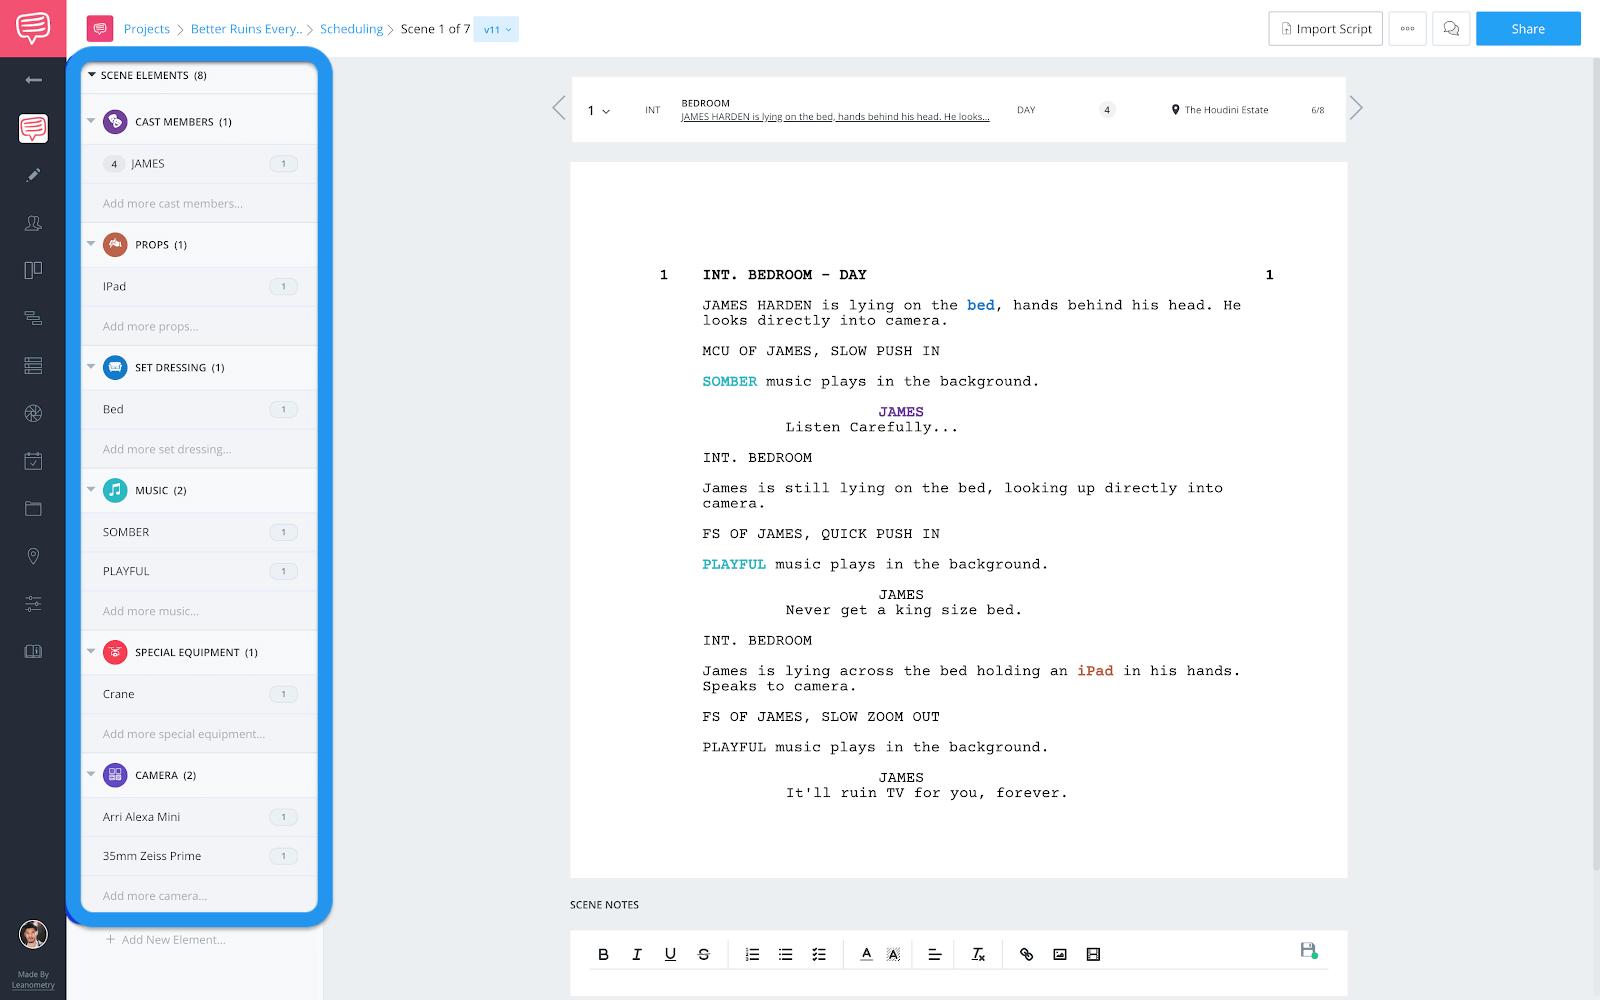 Breakdowns page - Scene elements